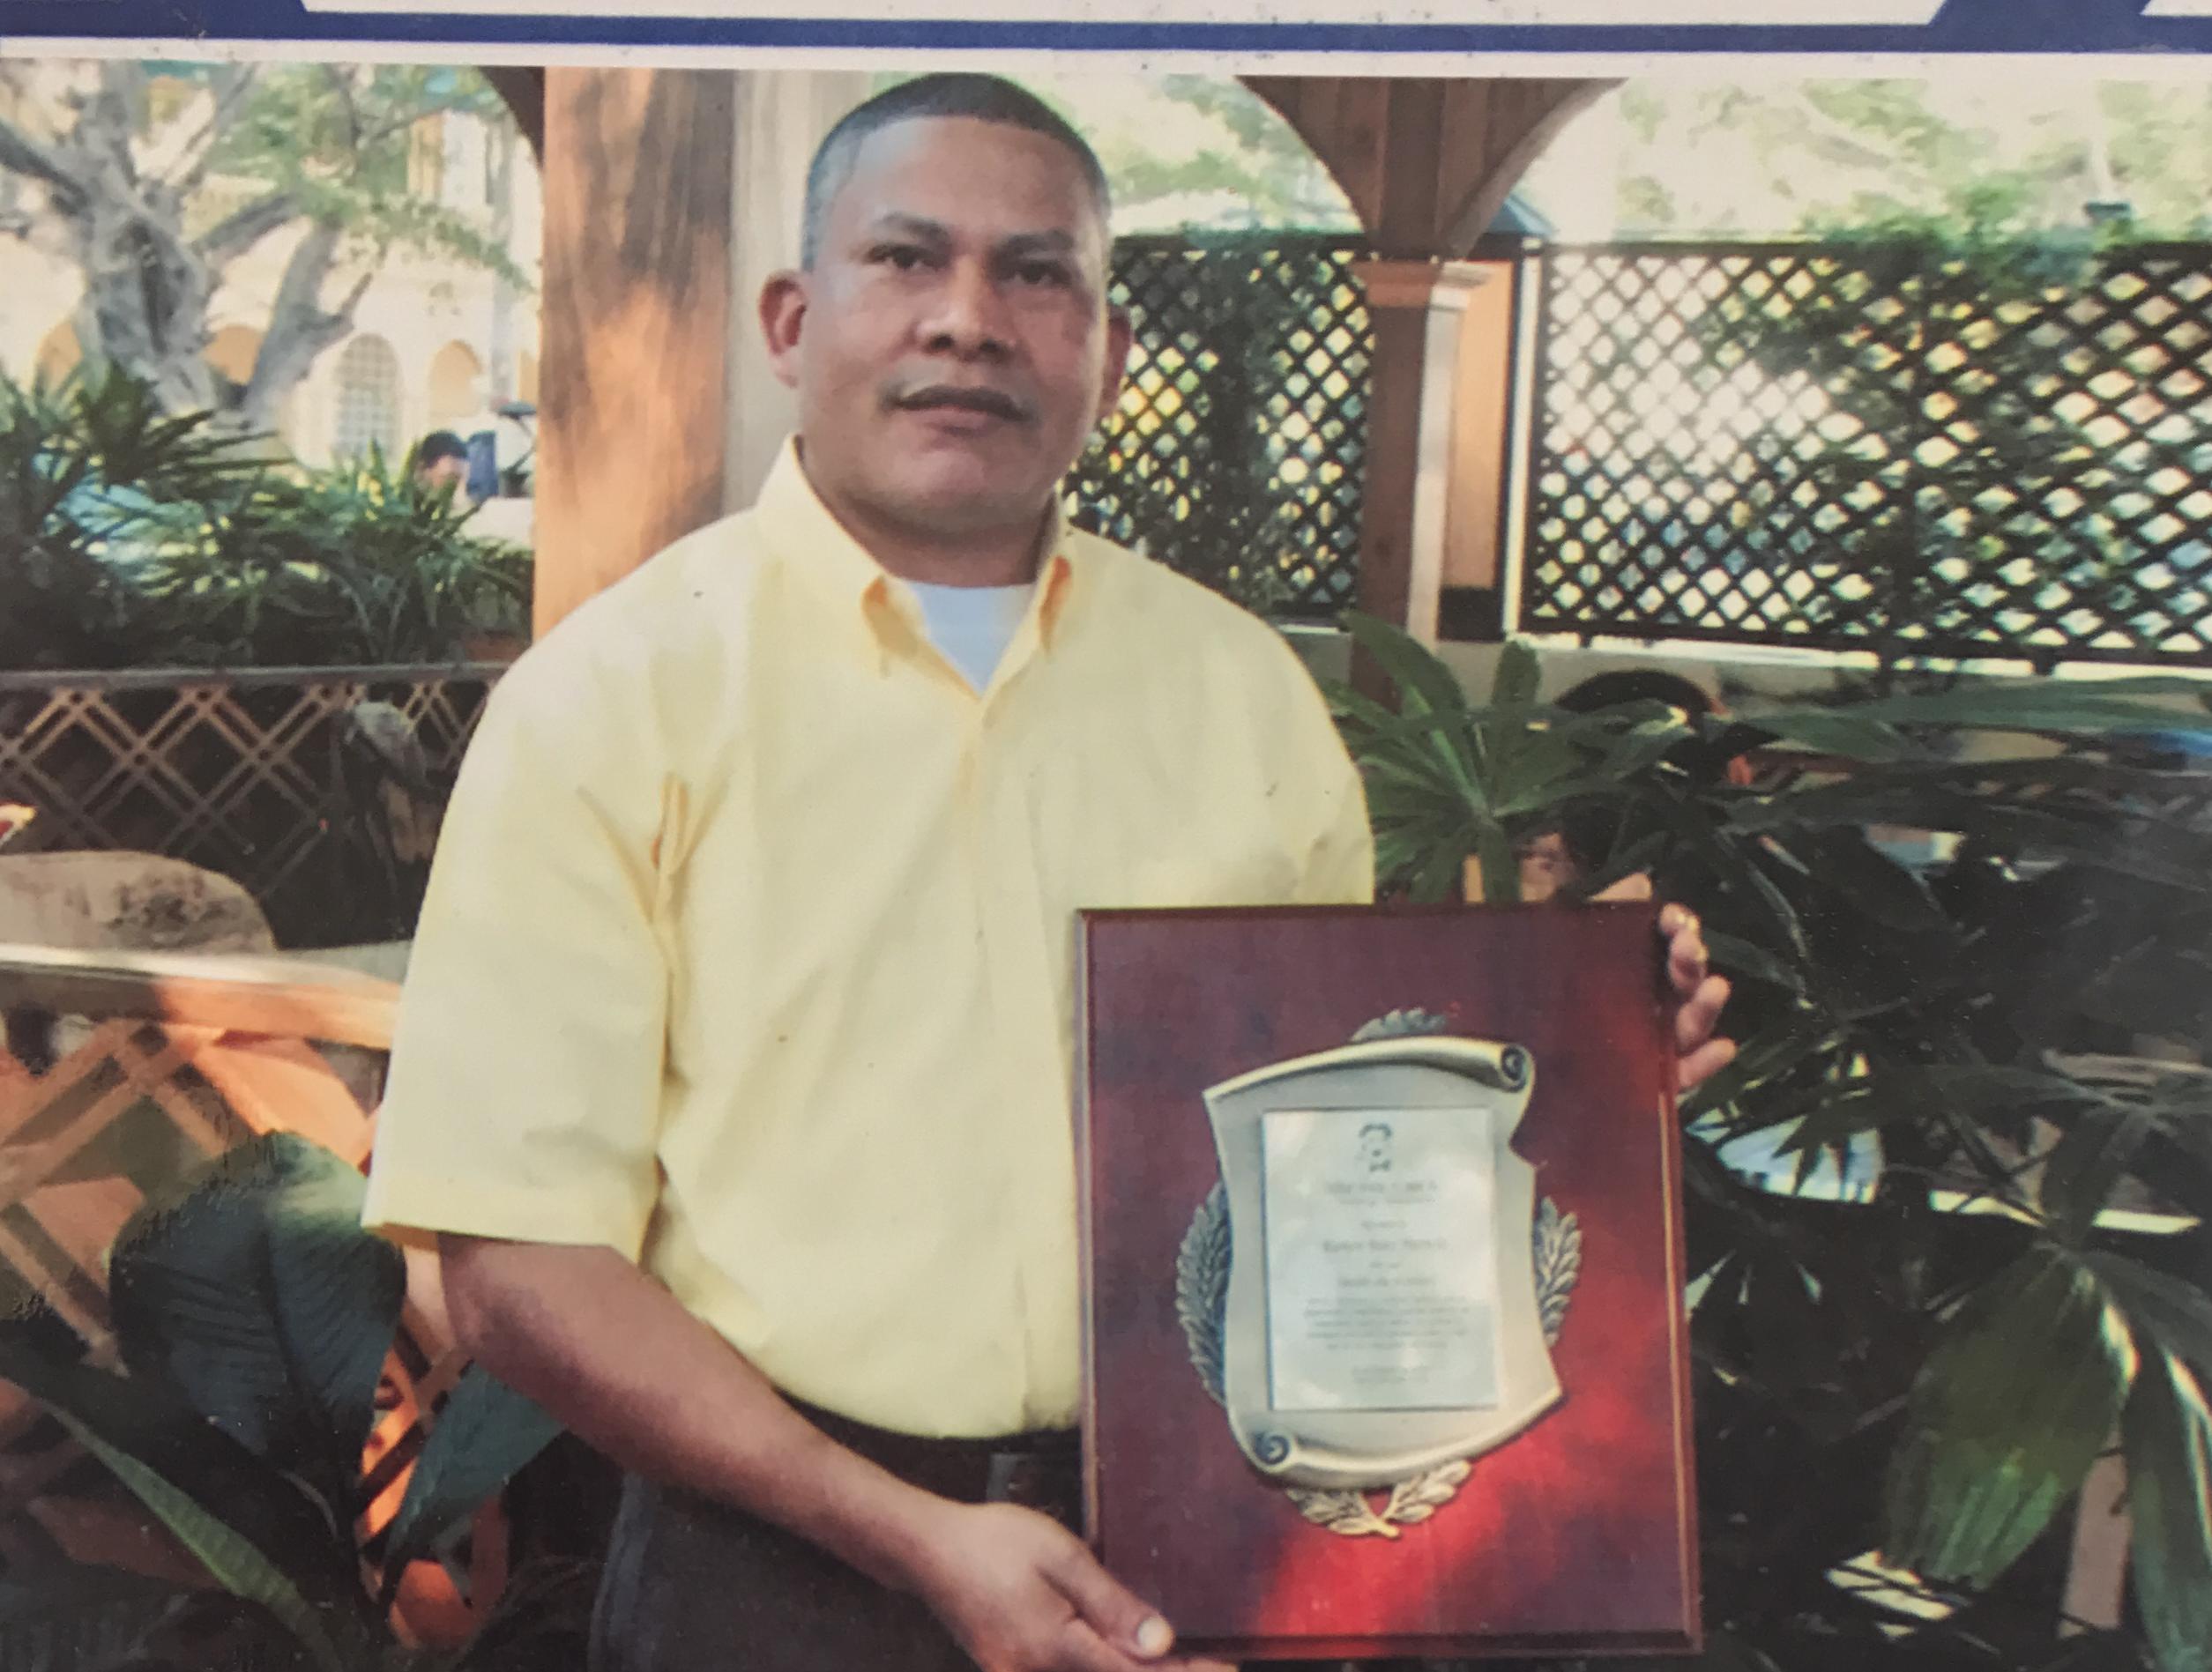 Muere hombre de 46 años luego de que supuestamente un conductor lo impactara cuando intentaba huir de persecución policial